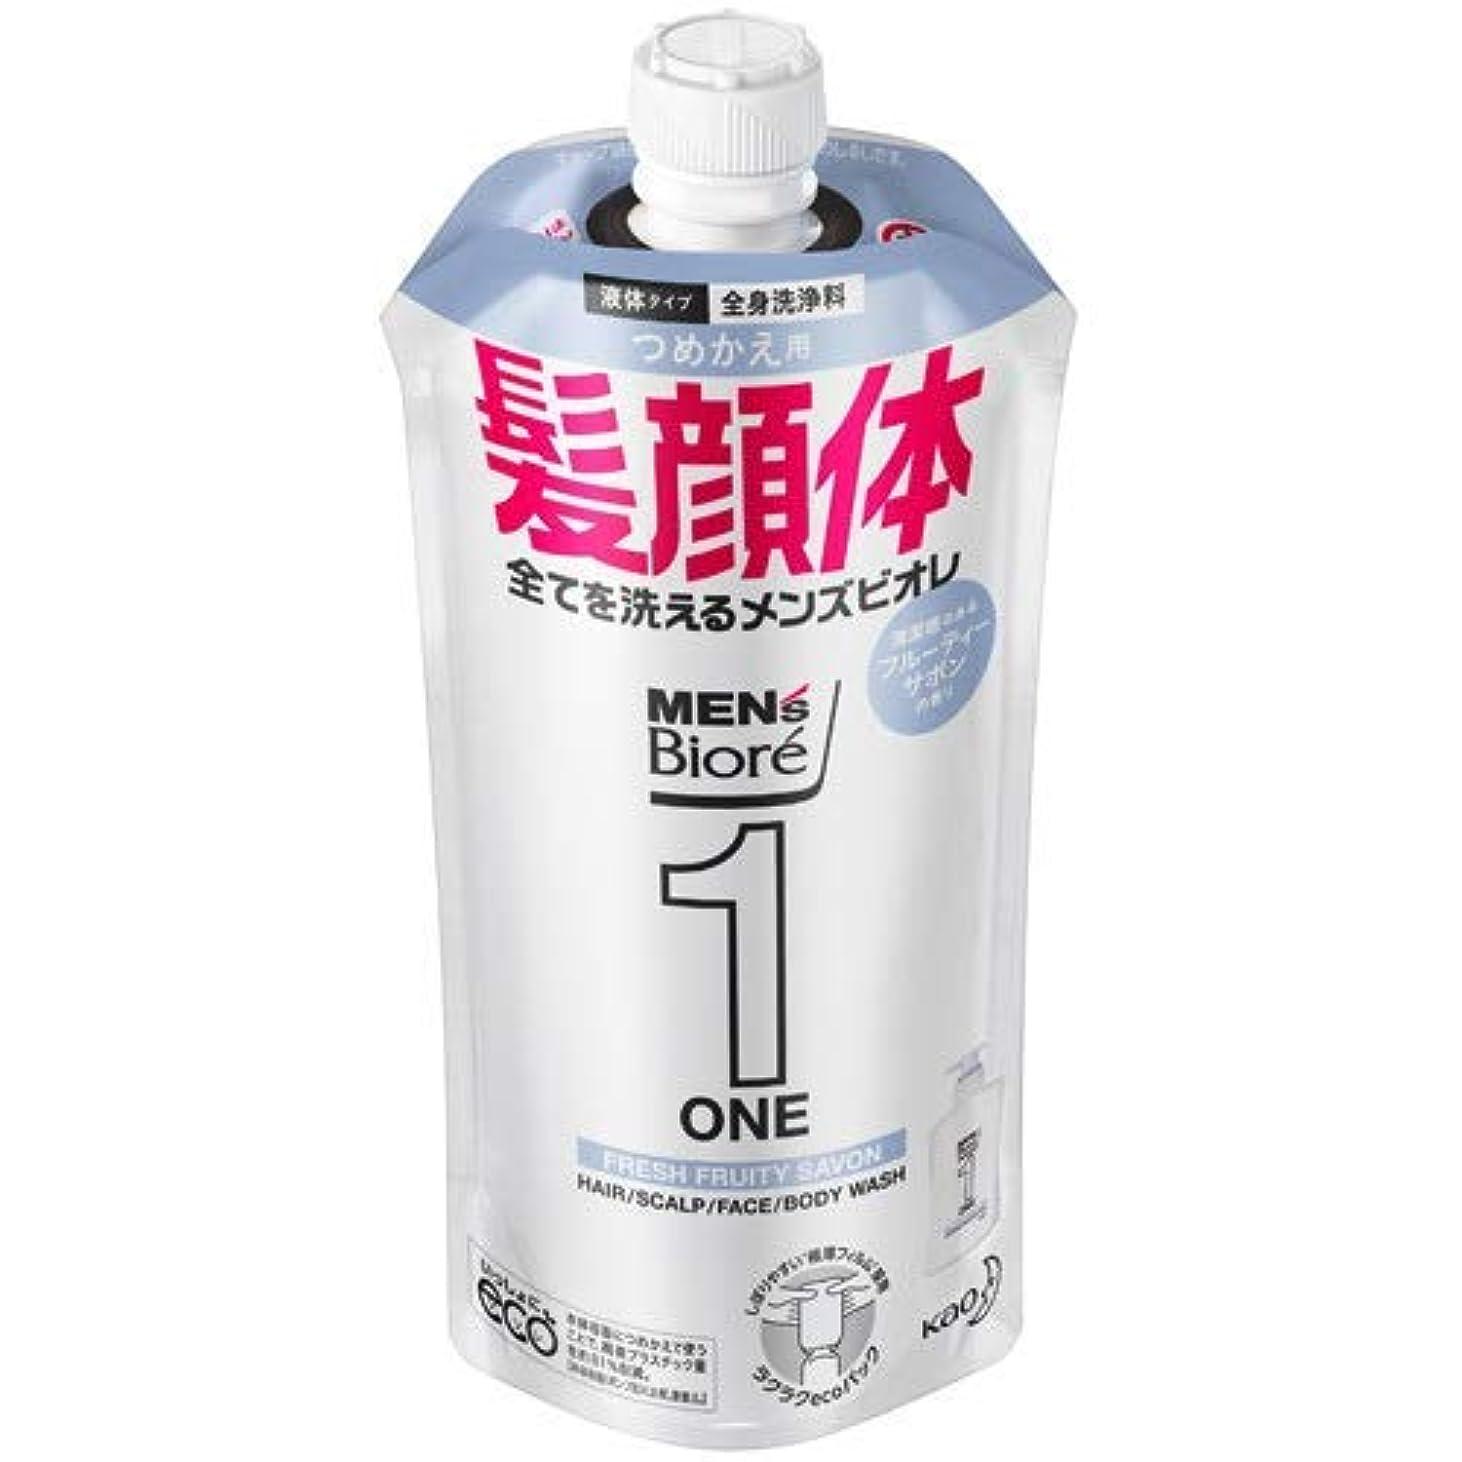 嵐通行人操る【10個セット】メンズビオレONE オールインワン全身洗浄料 清潔感のあるフルーティーサボンの香り つめかえ用 340mL